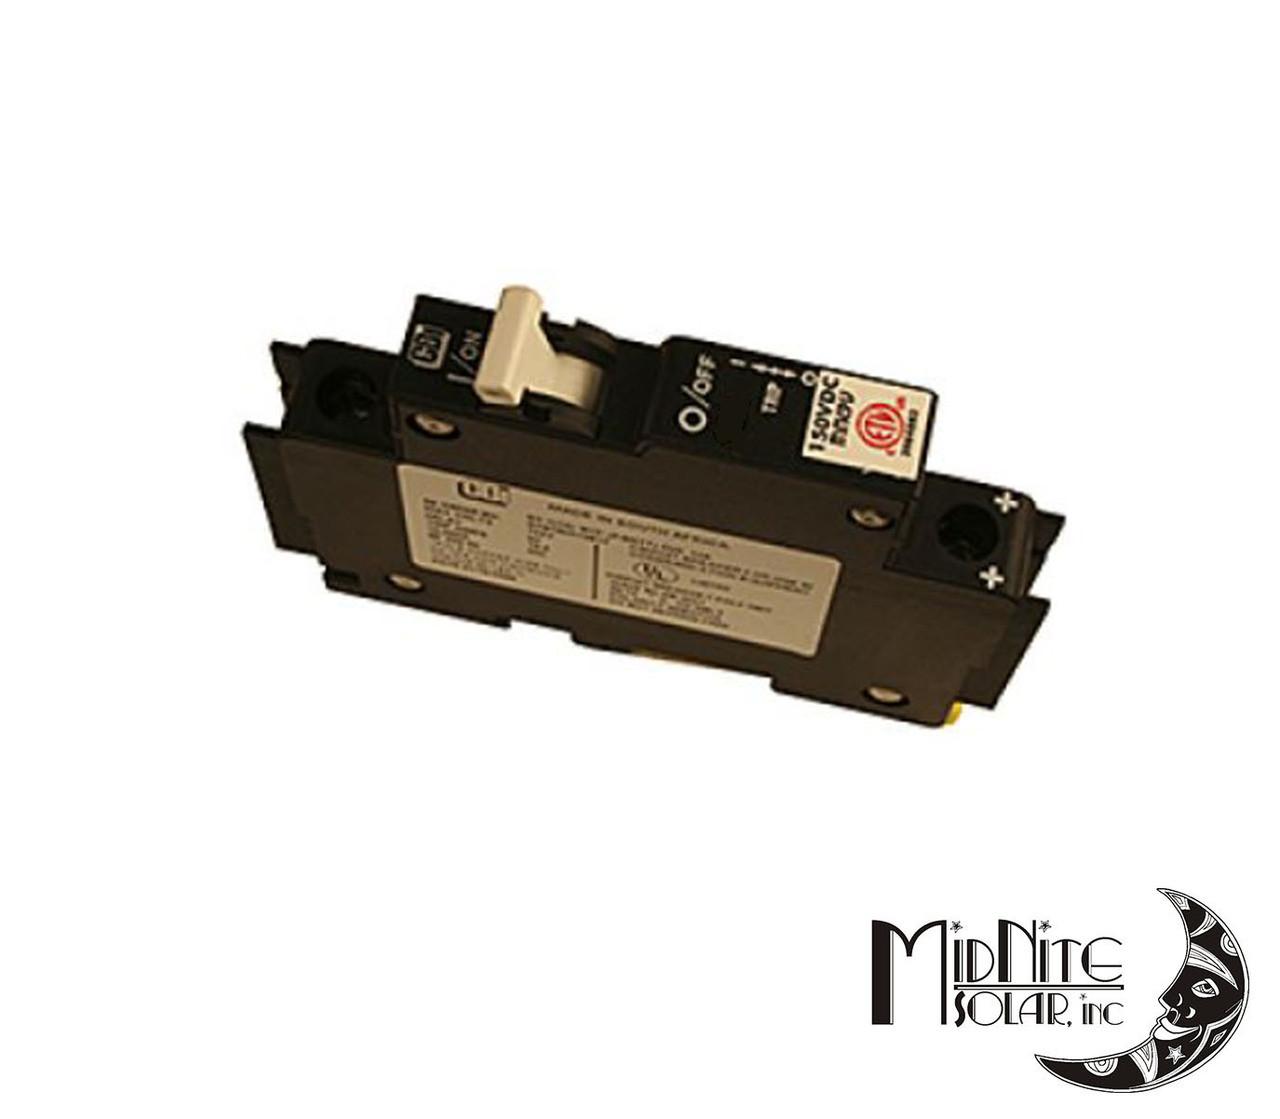 MIDNITE SOLAR MNEPV60 CIRCUIT BREAKER